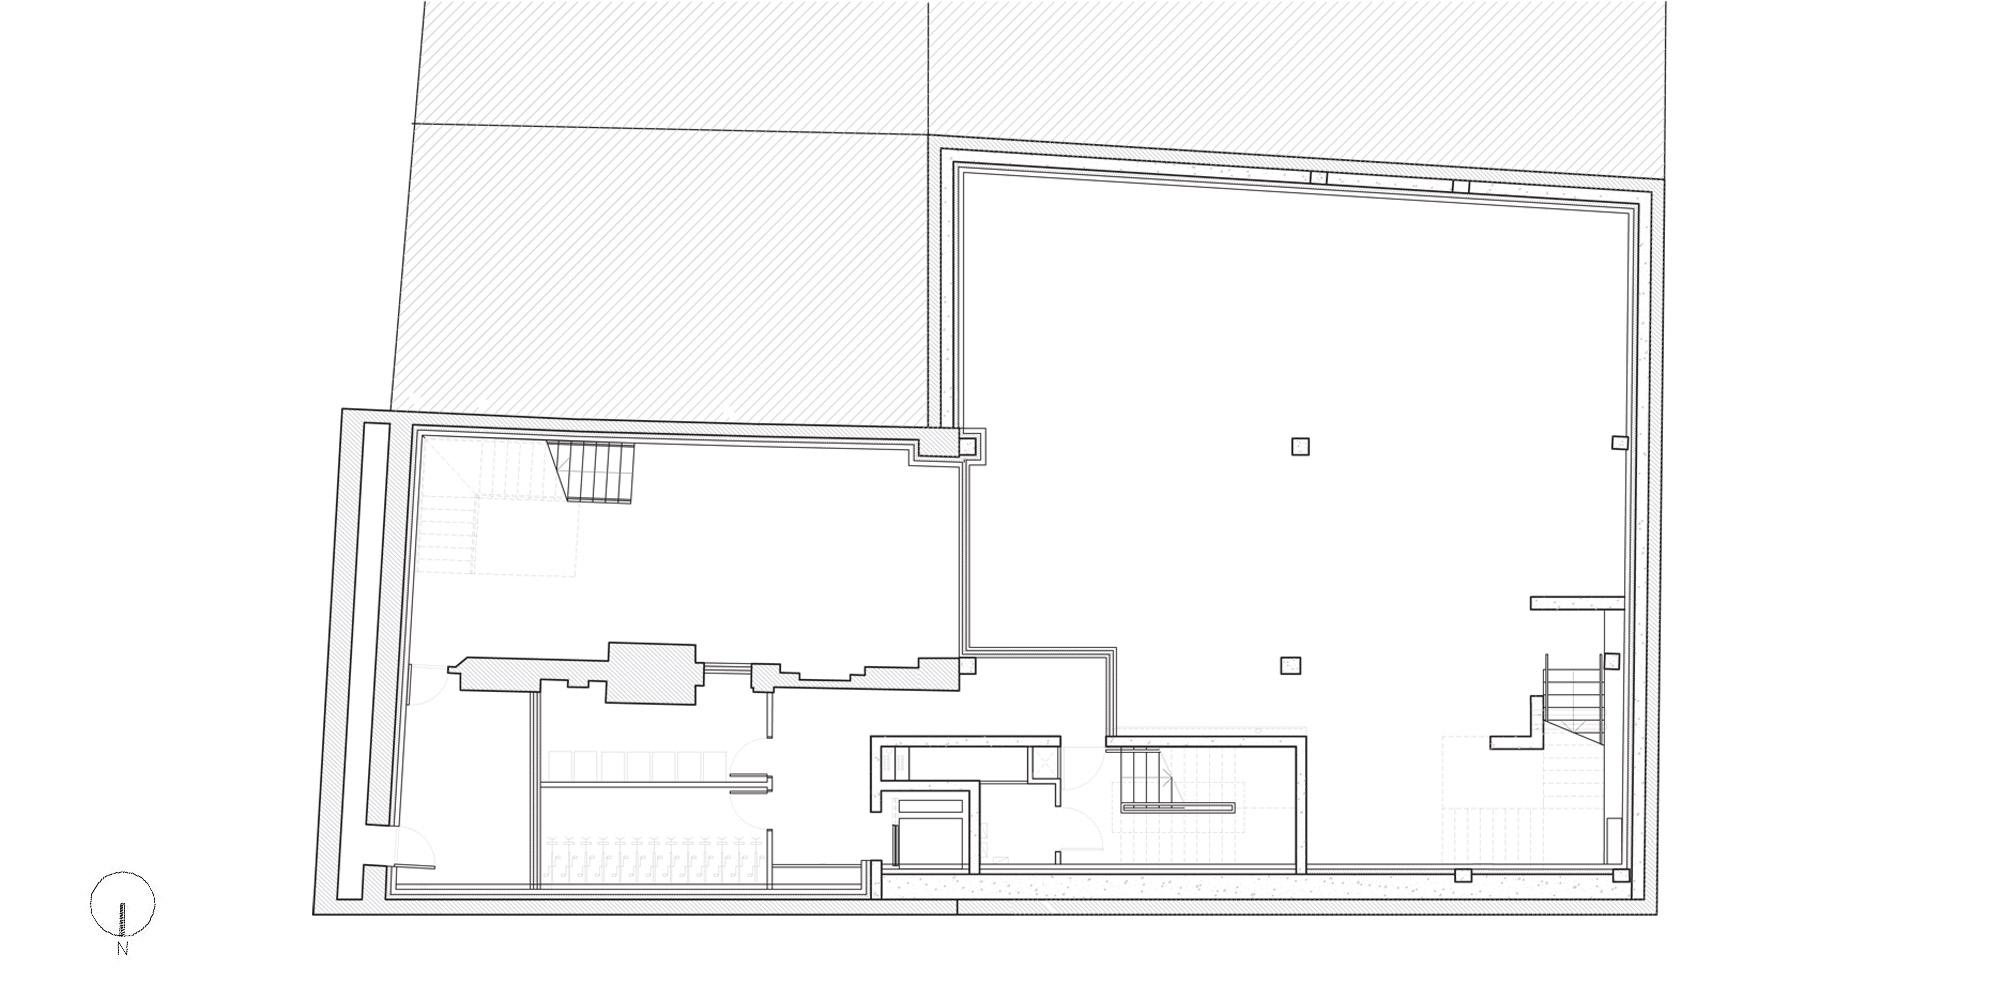 Basement floor plan © DROO